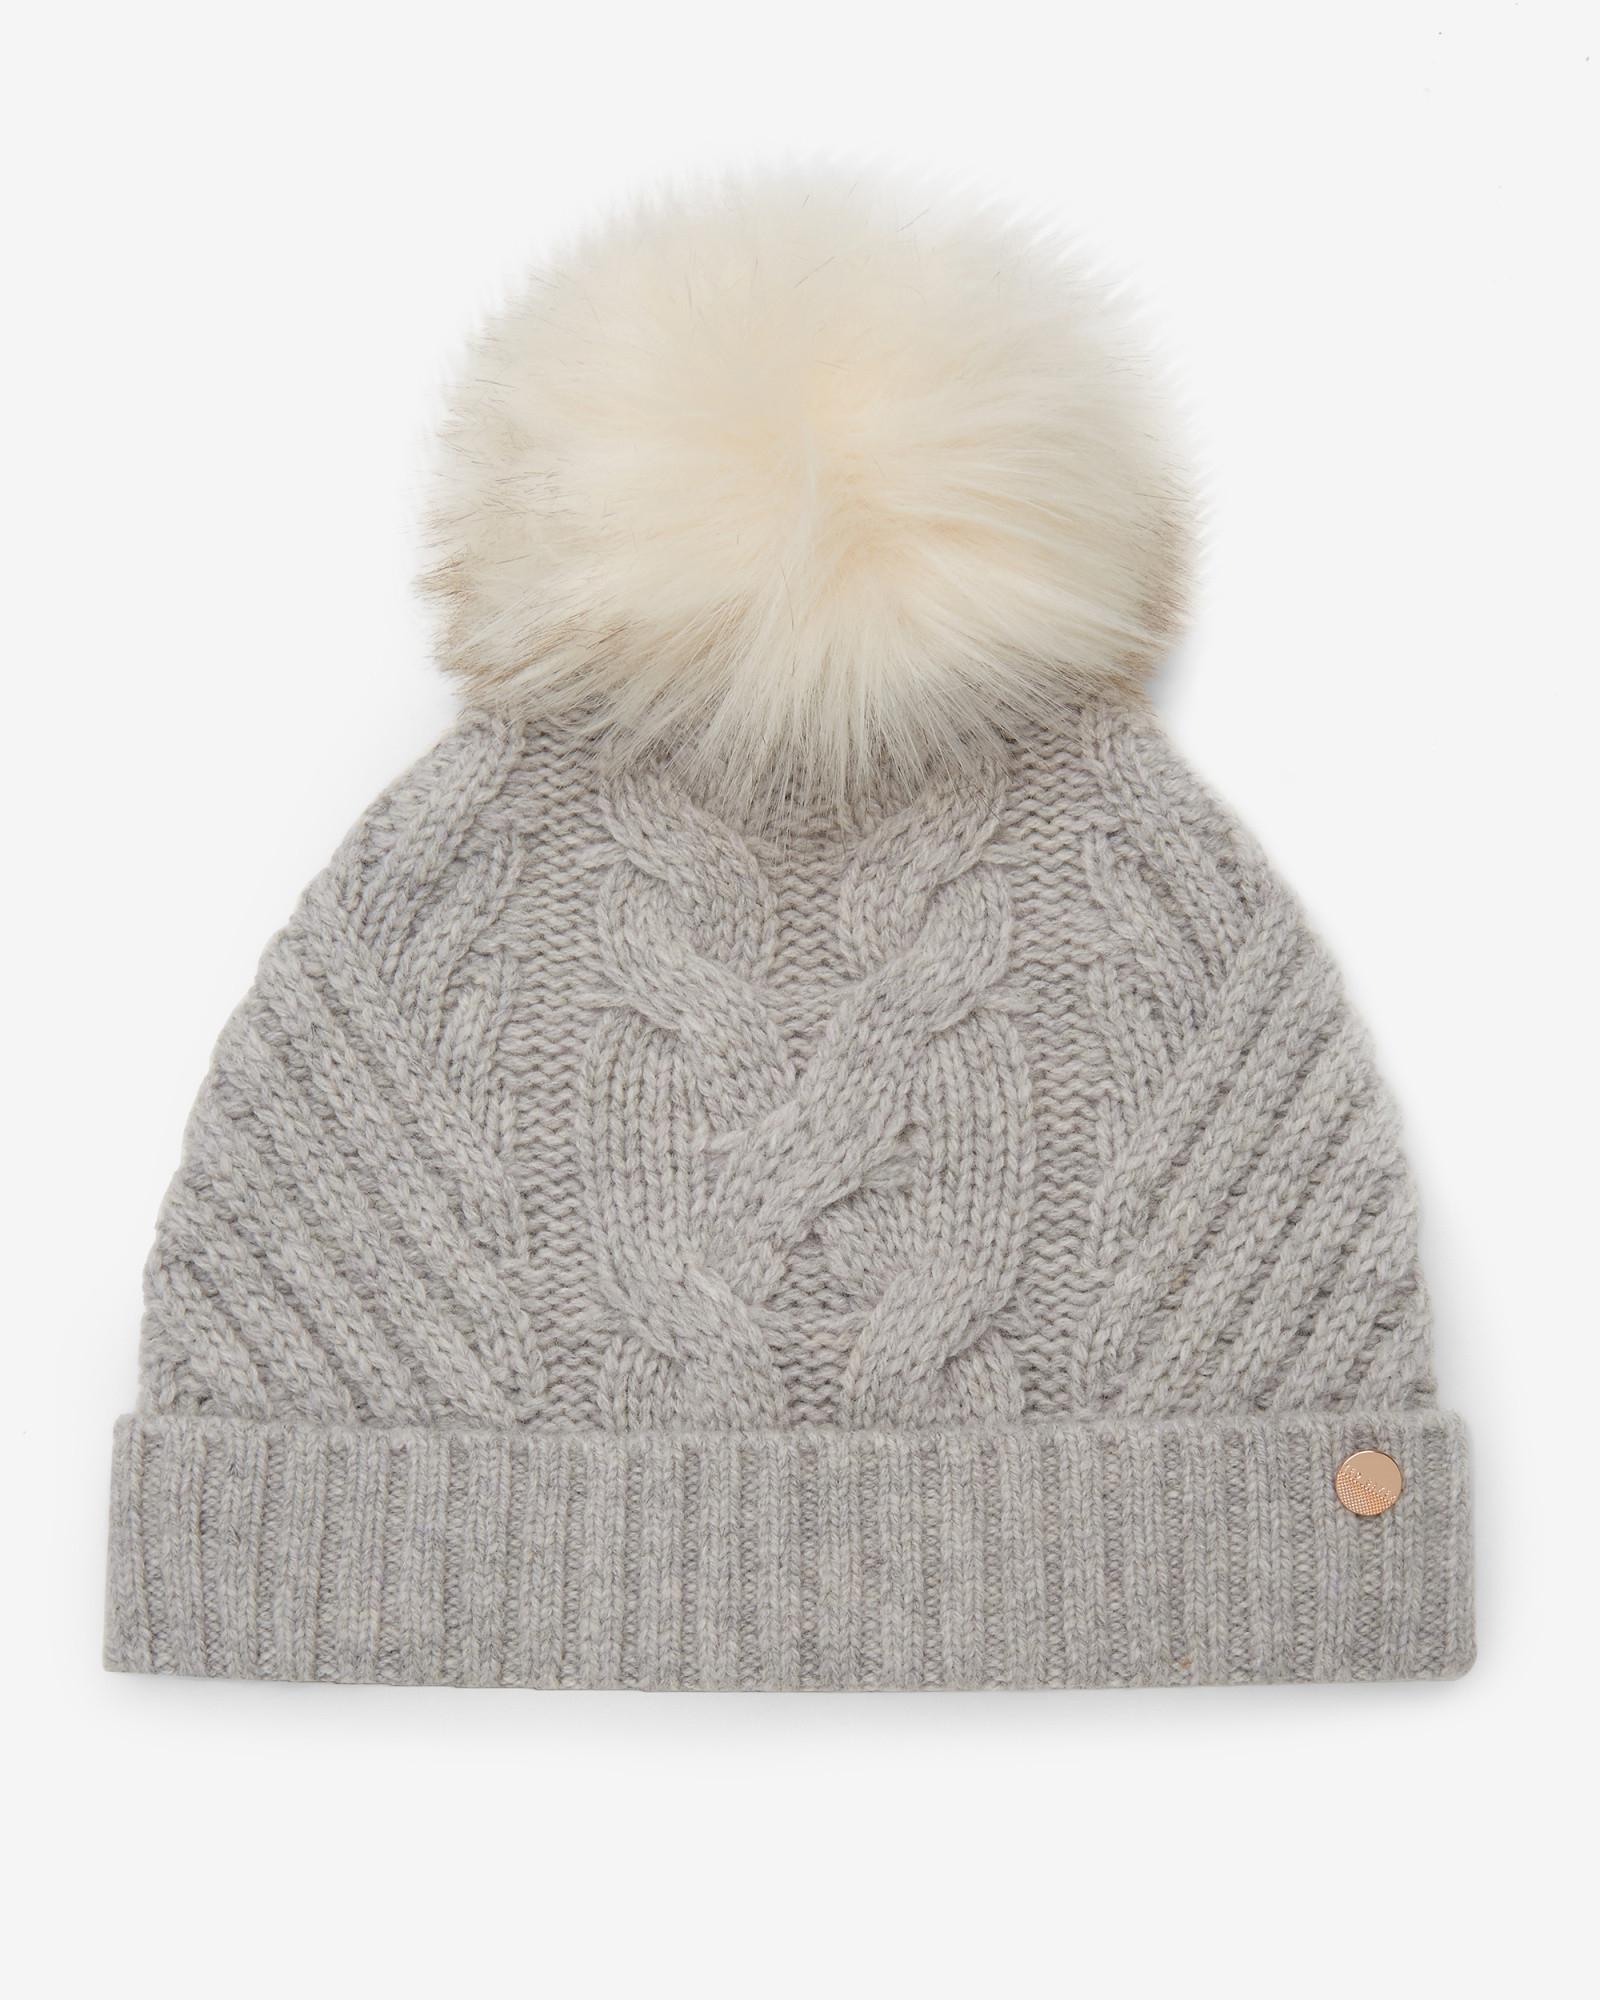 24ef7de7837 Ted Baker Pom-pom Bobble Hat in Gray - Lyst